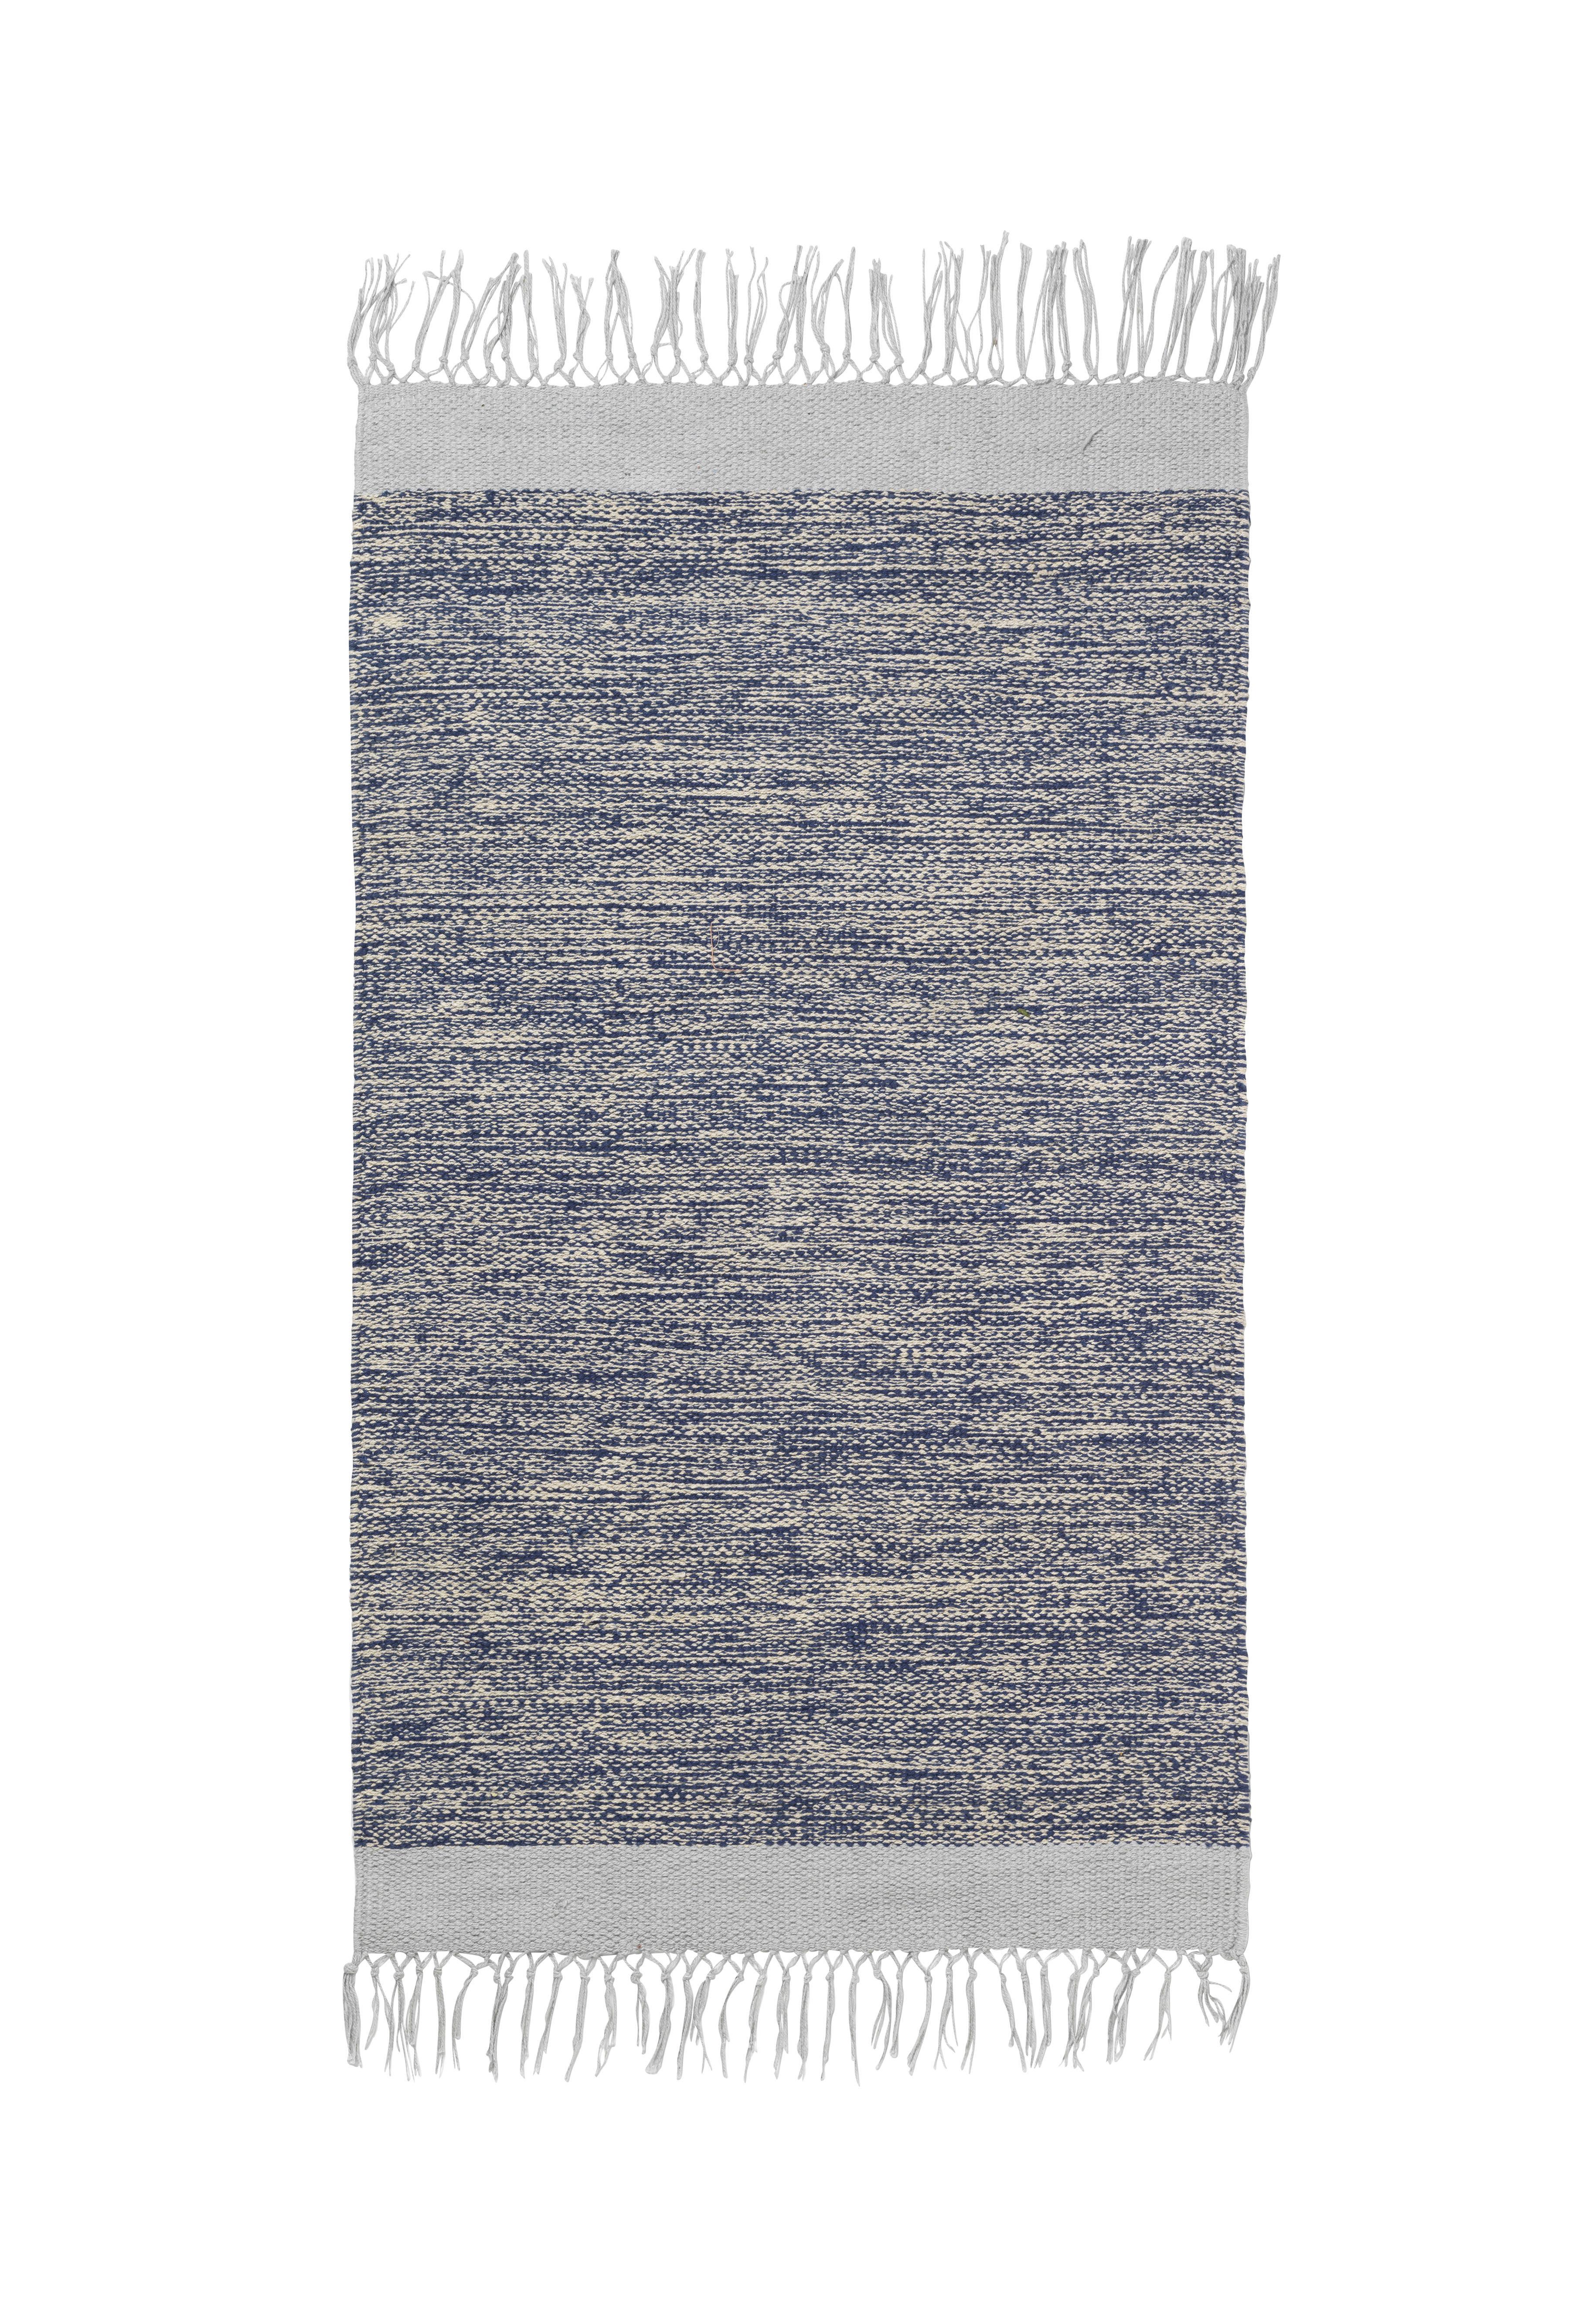 Déco - Tapis - Tapis Melange / 60 x 100 cm - Tissé main - Ferm Living - Bleu - 100% Coton